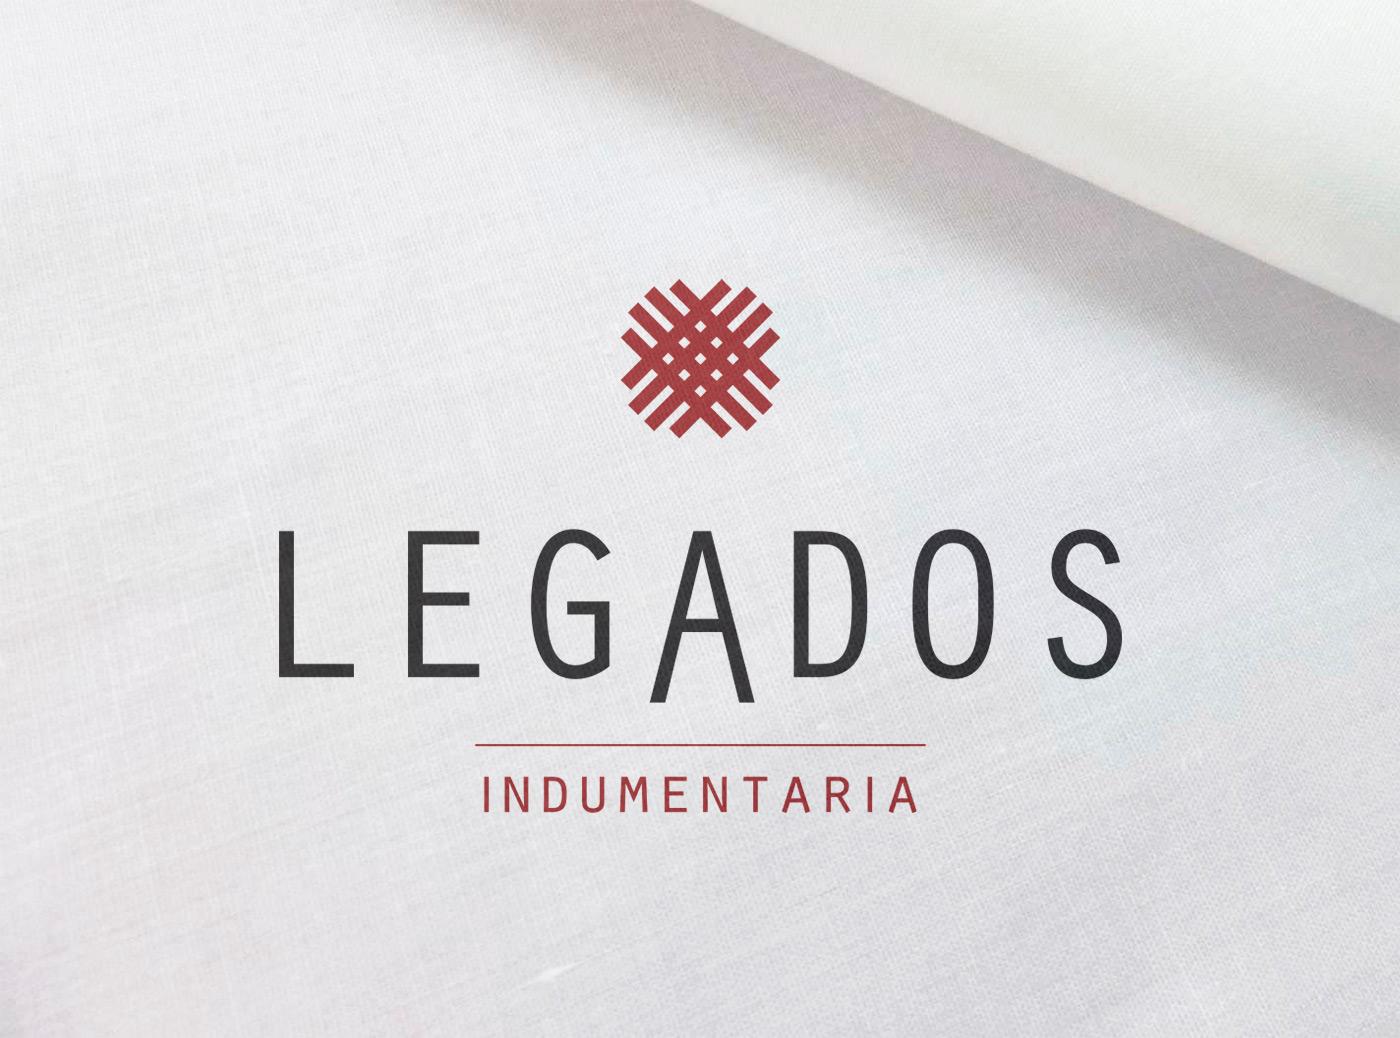 legados-logo